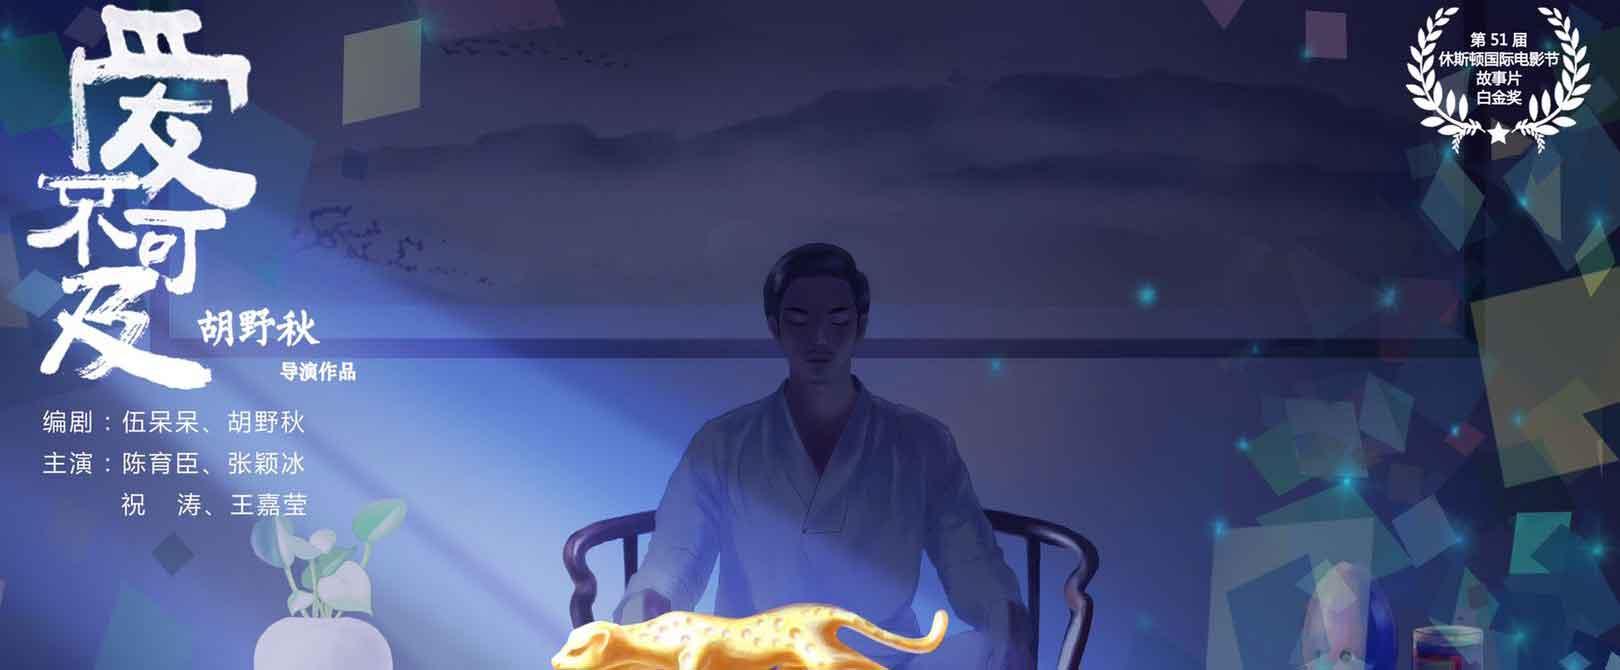 """影讯,定档2018年12月7日全国上映的爱情电影《爱不可及》于今日正式对外推出""""身世之谜""""版海报。"""